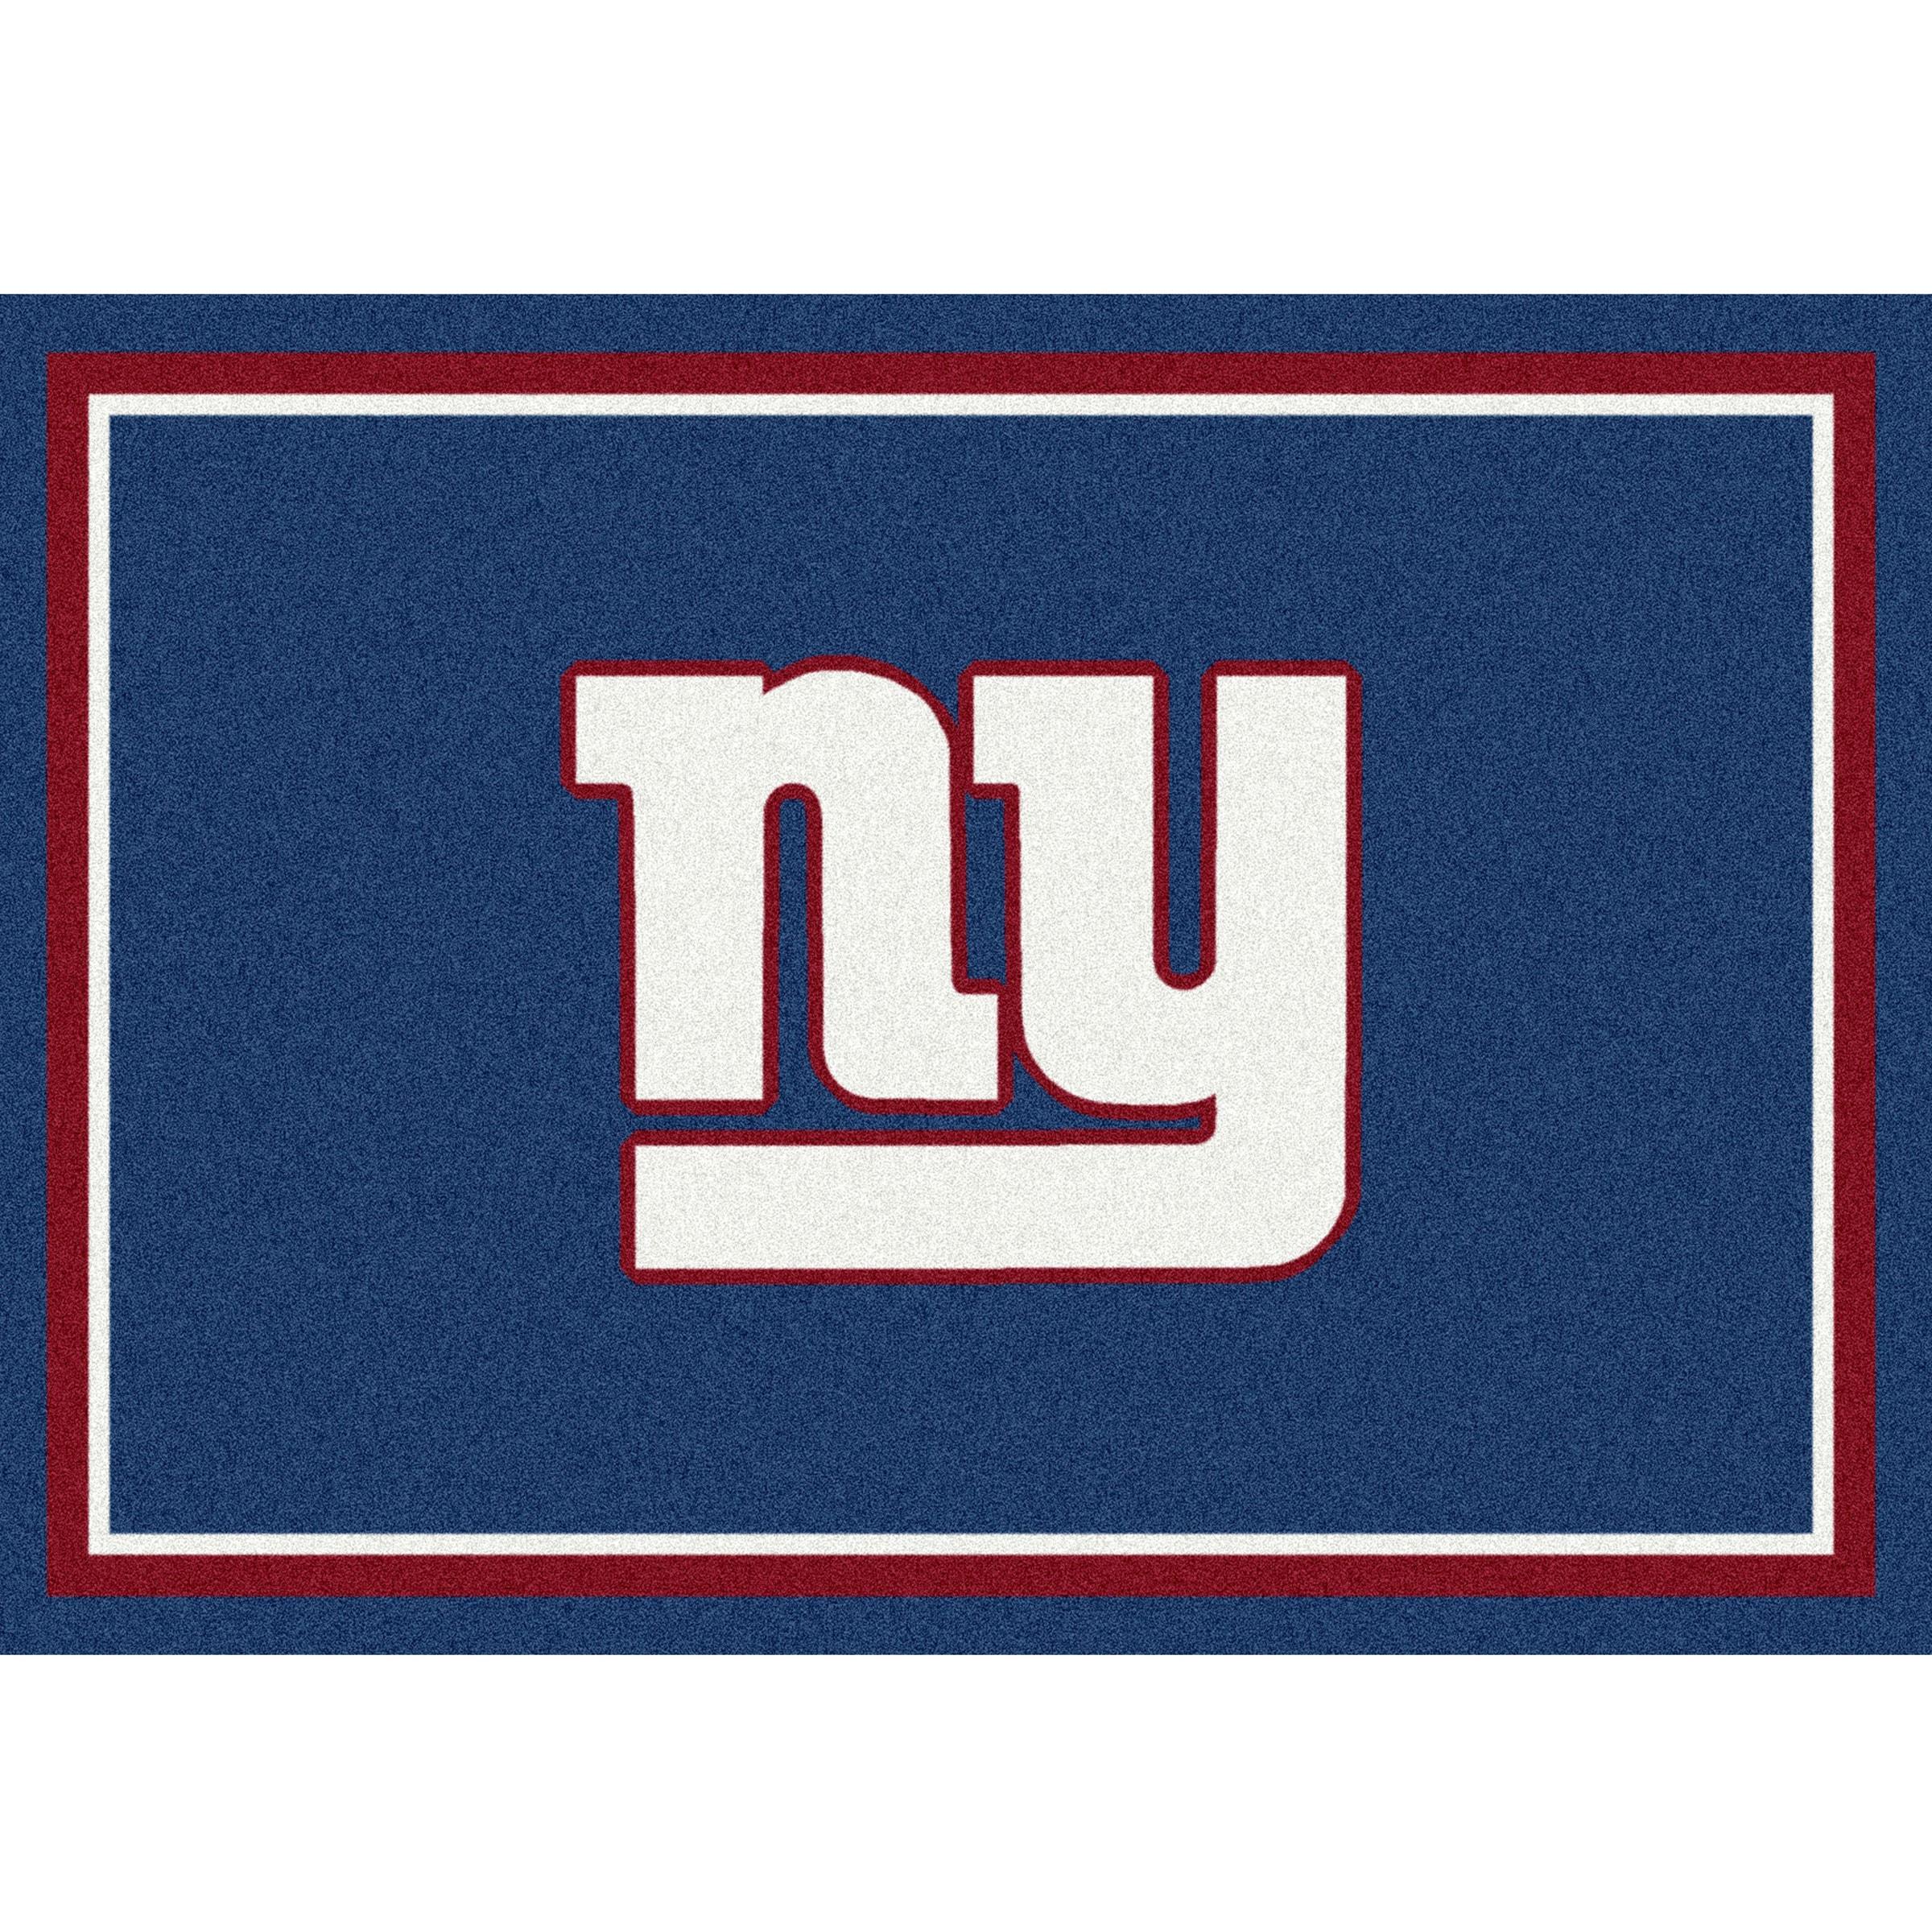 New York Giants Imperial 8' x 11' Spirit Rug